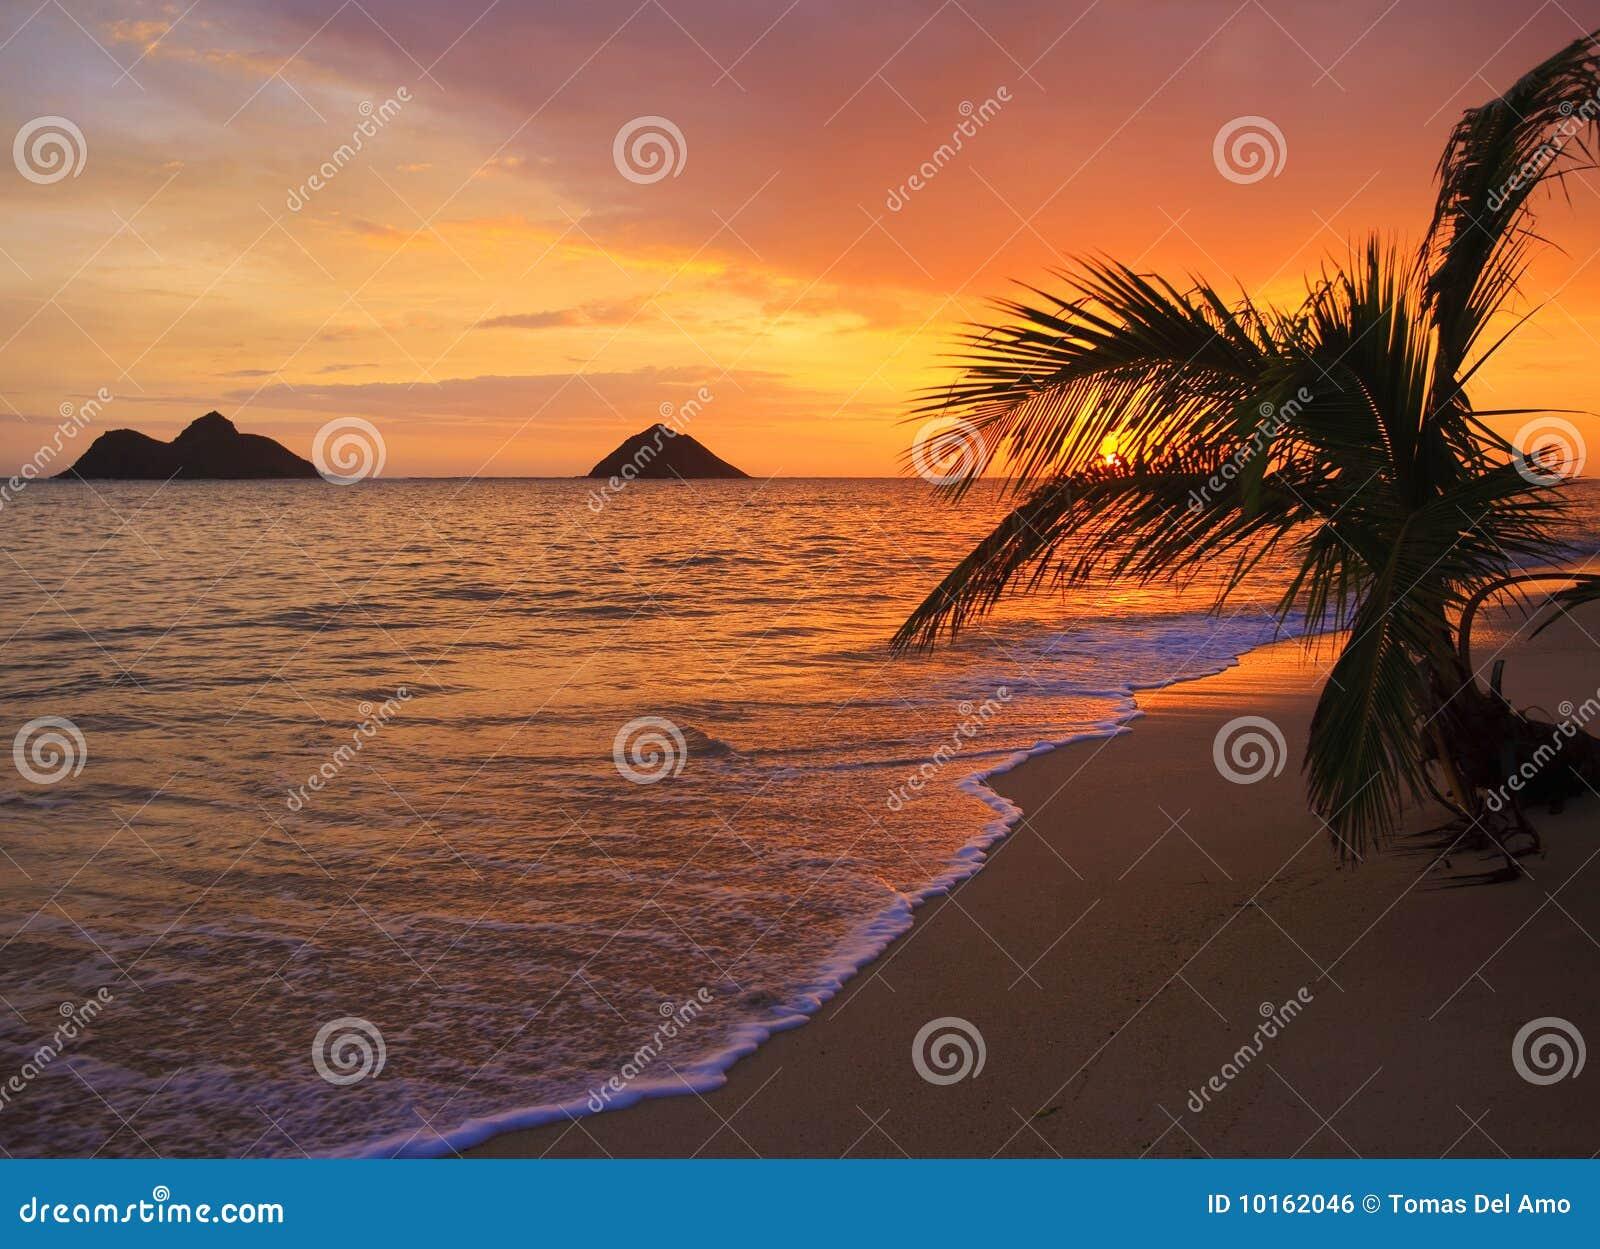 Salida del sol pacífica en la playa de Lanikai en Hawaii